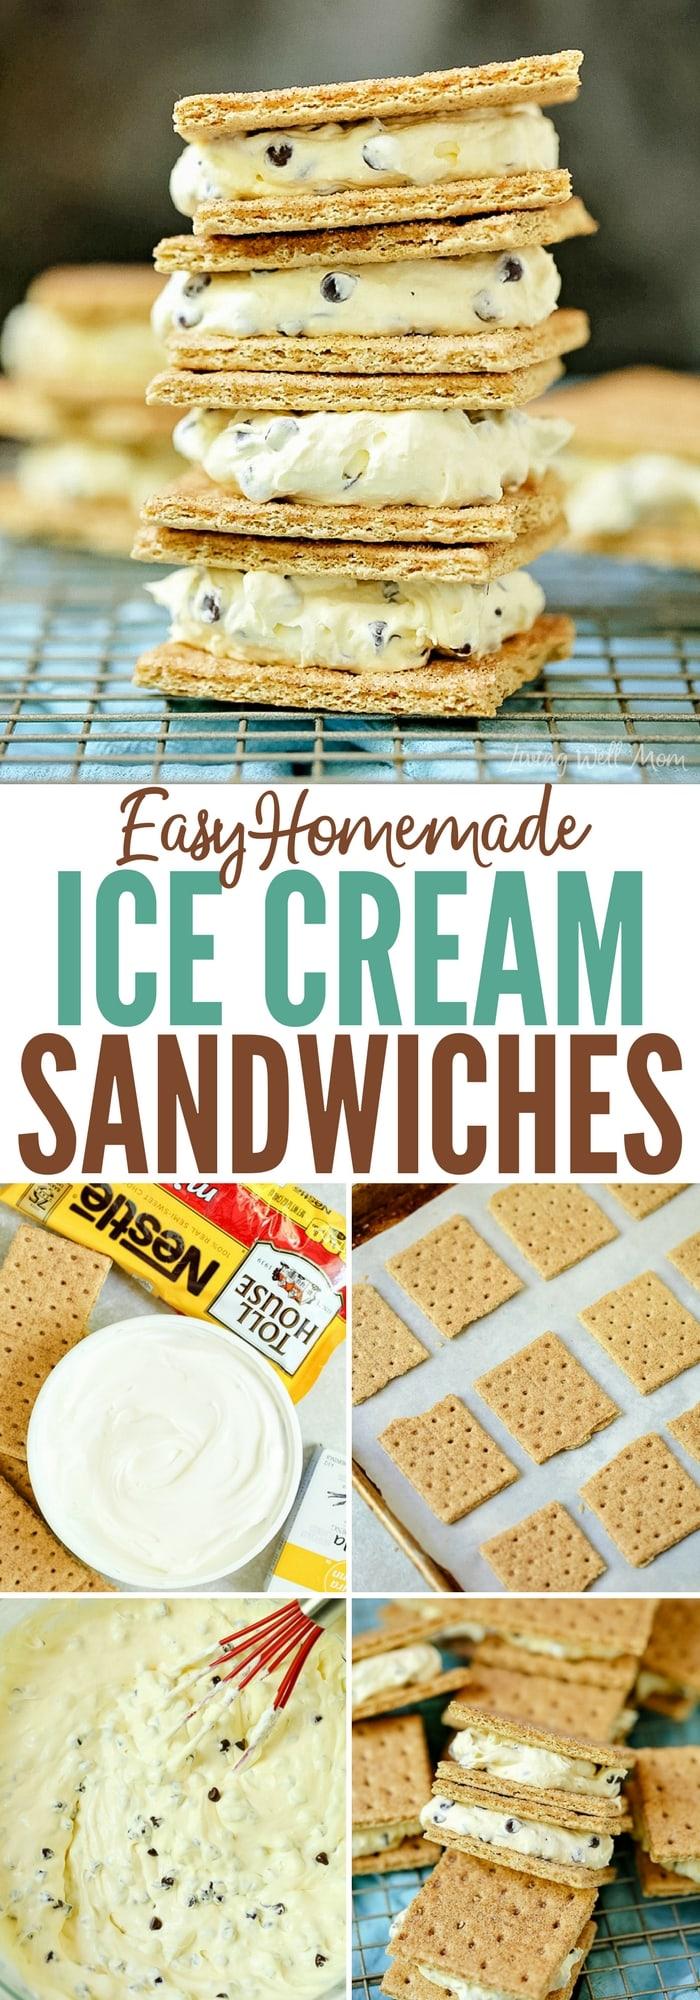 homemade graham cracker ice cream sandwiches recipe